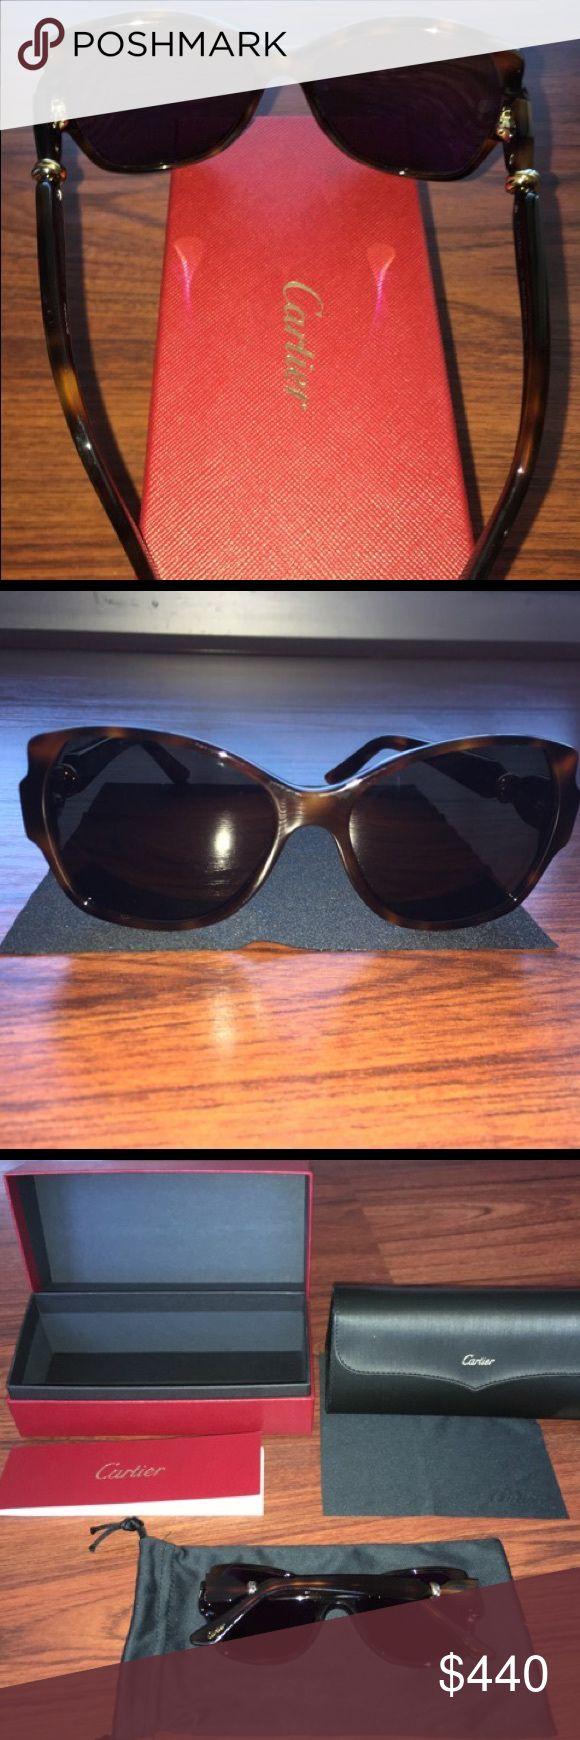 279 best Cartier sunglasses images on Pinterest | Cartier, Eye ...